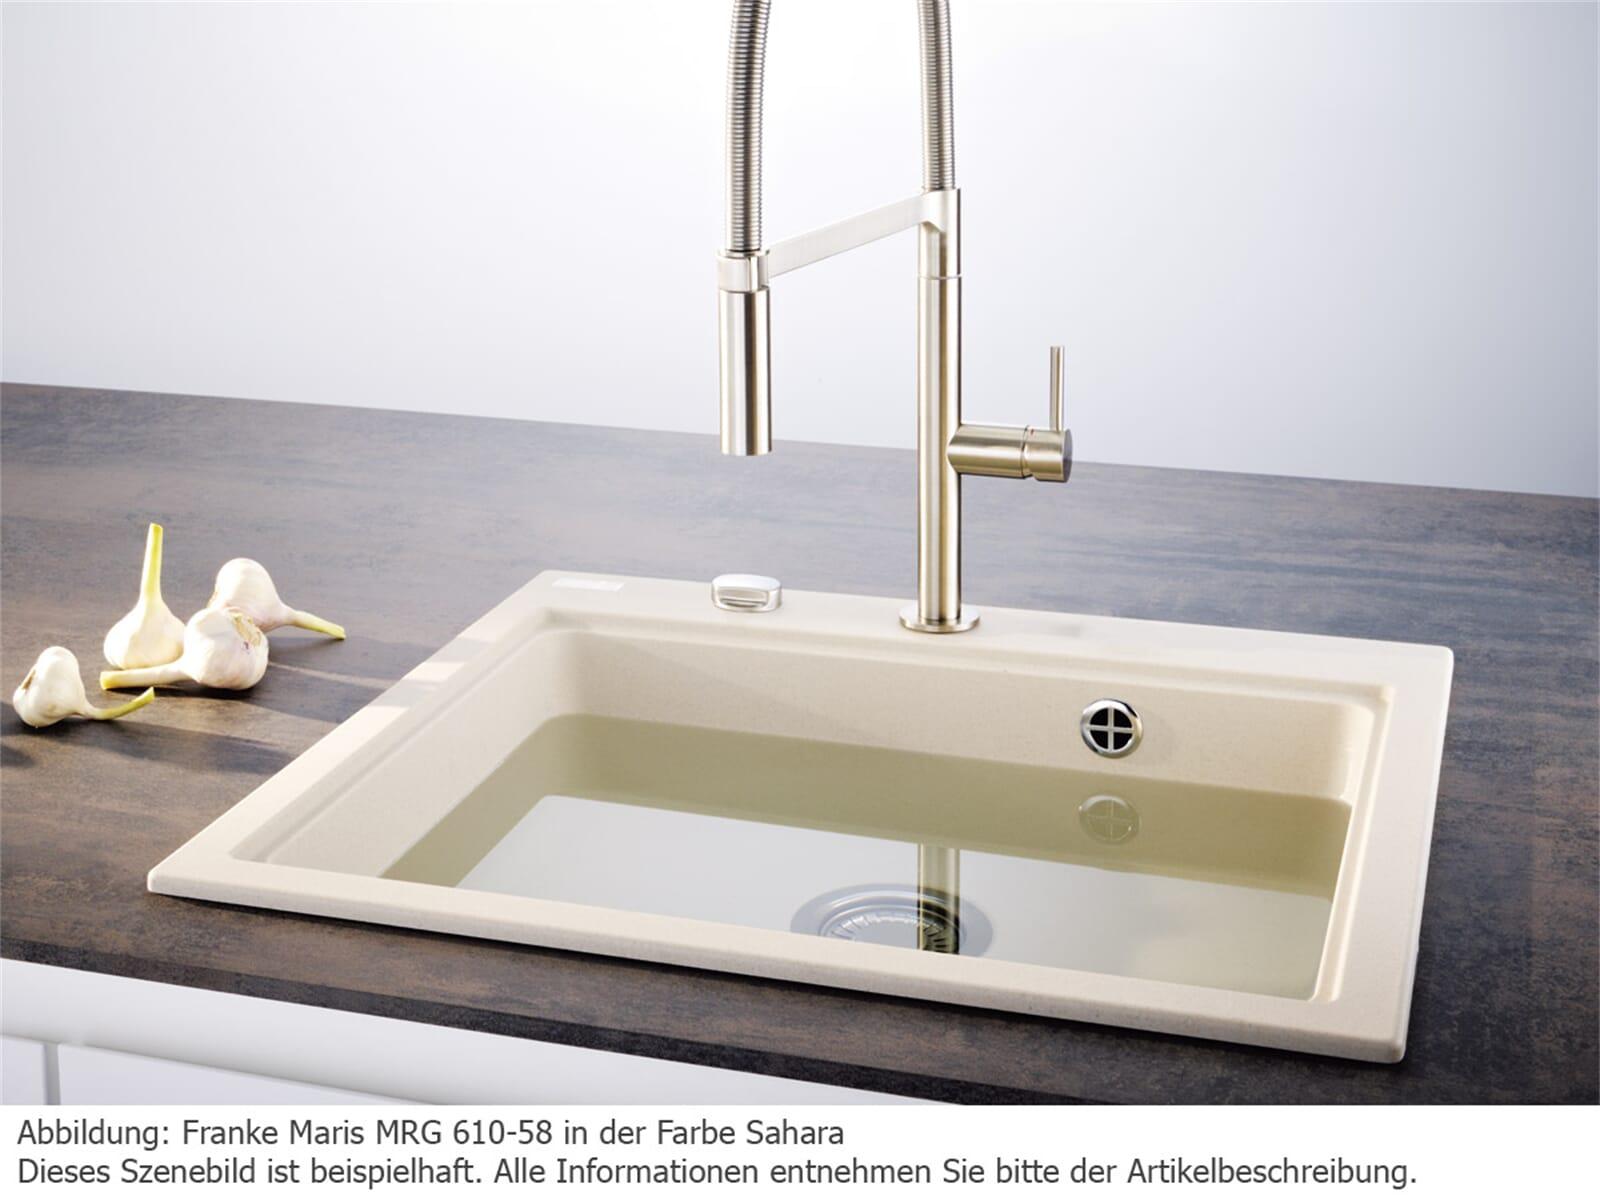 Franke Maris MRG 610-58 Cashmere Granitspüle